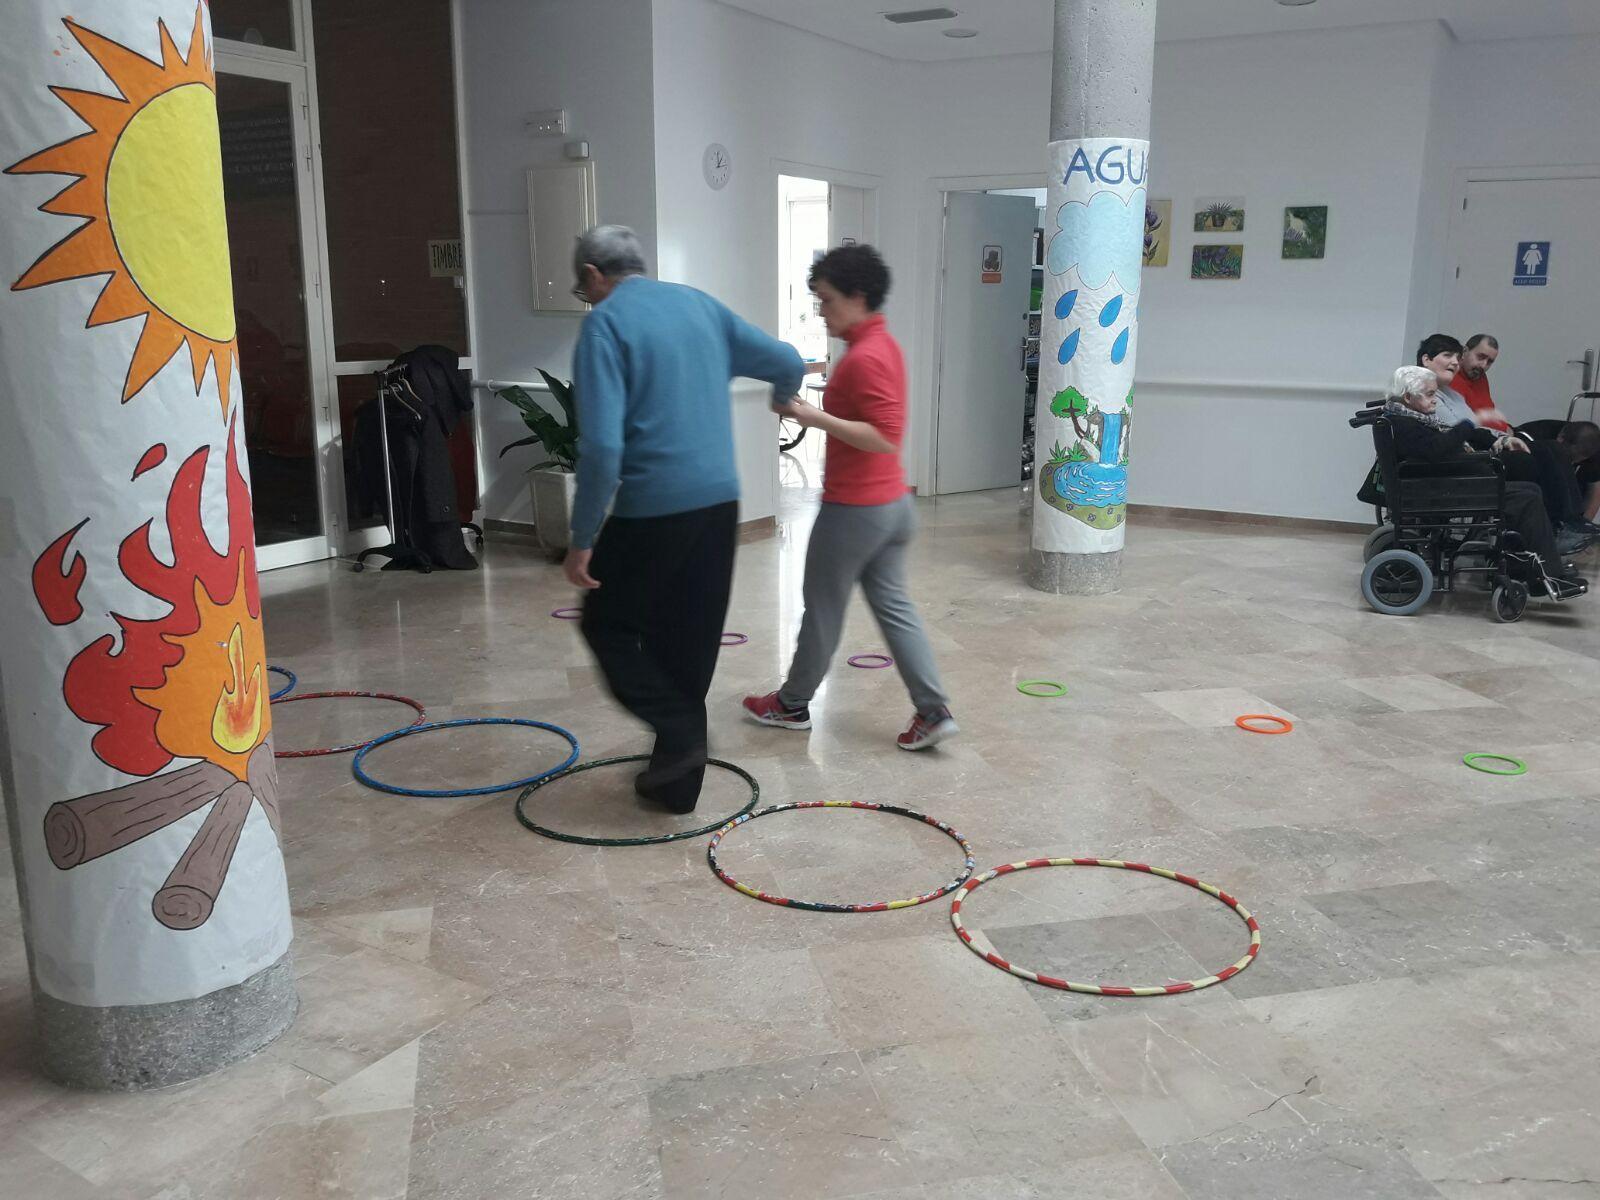 Ejercicios En Circuito Y Coordinacion : Circuito de coordinaciÓn y equilibrio